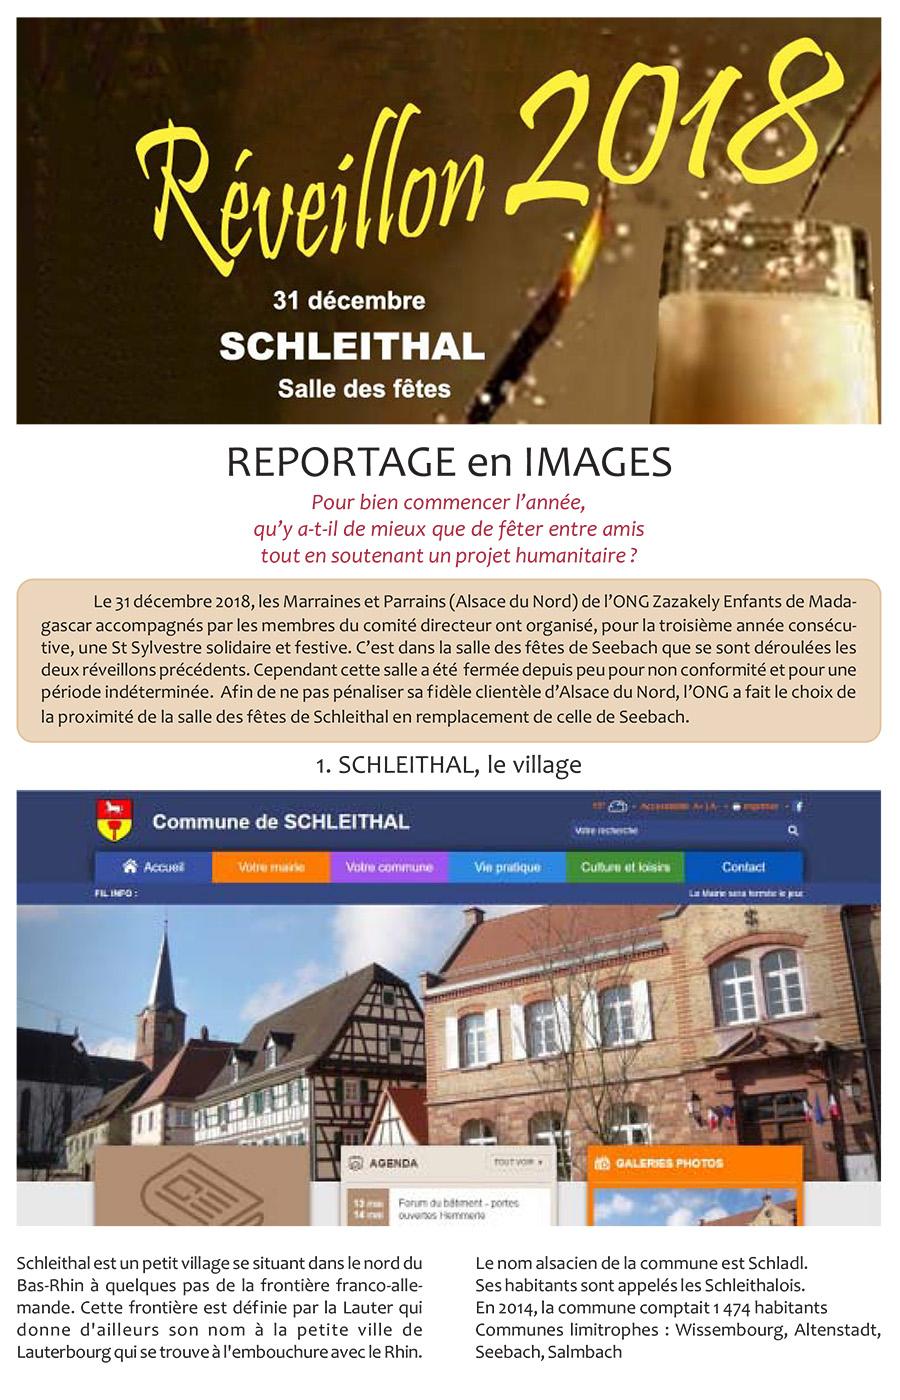 REPORTAGE EN IMAGES.p65